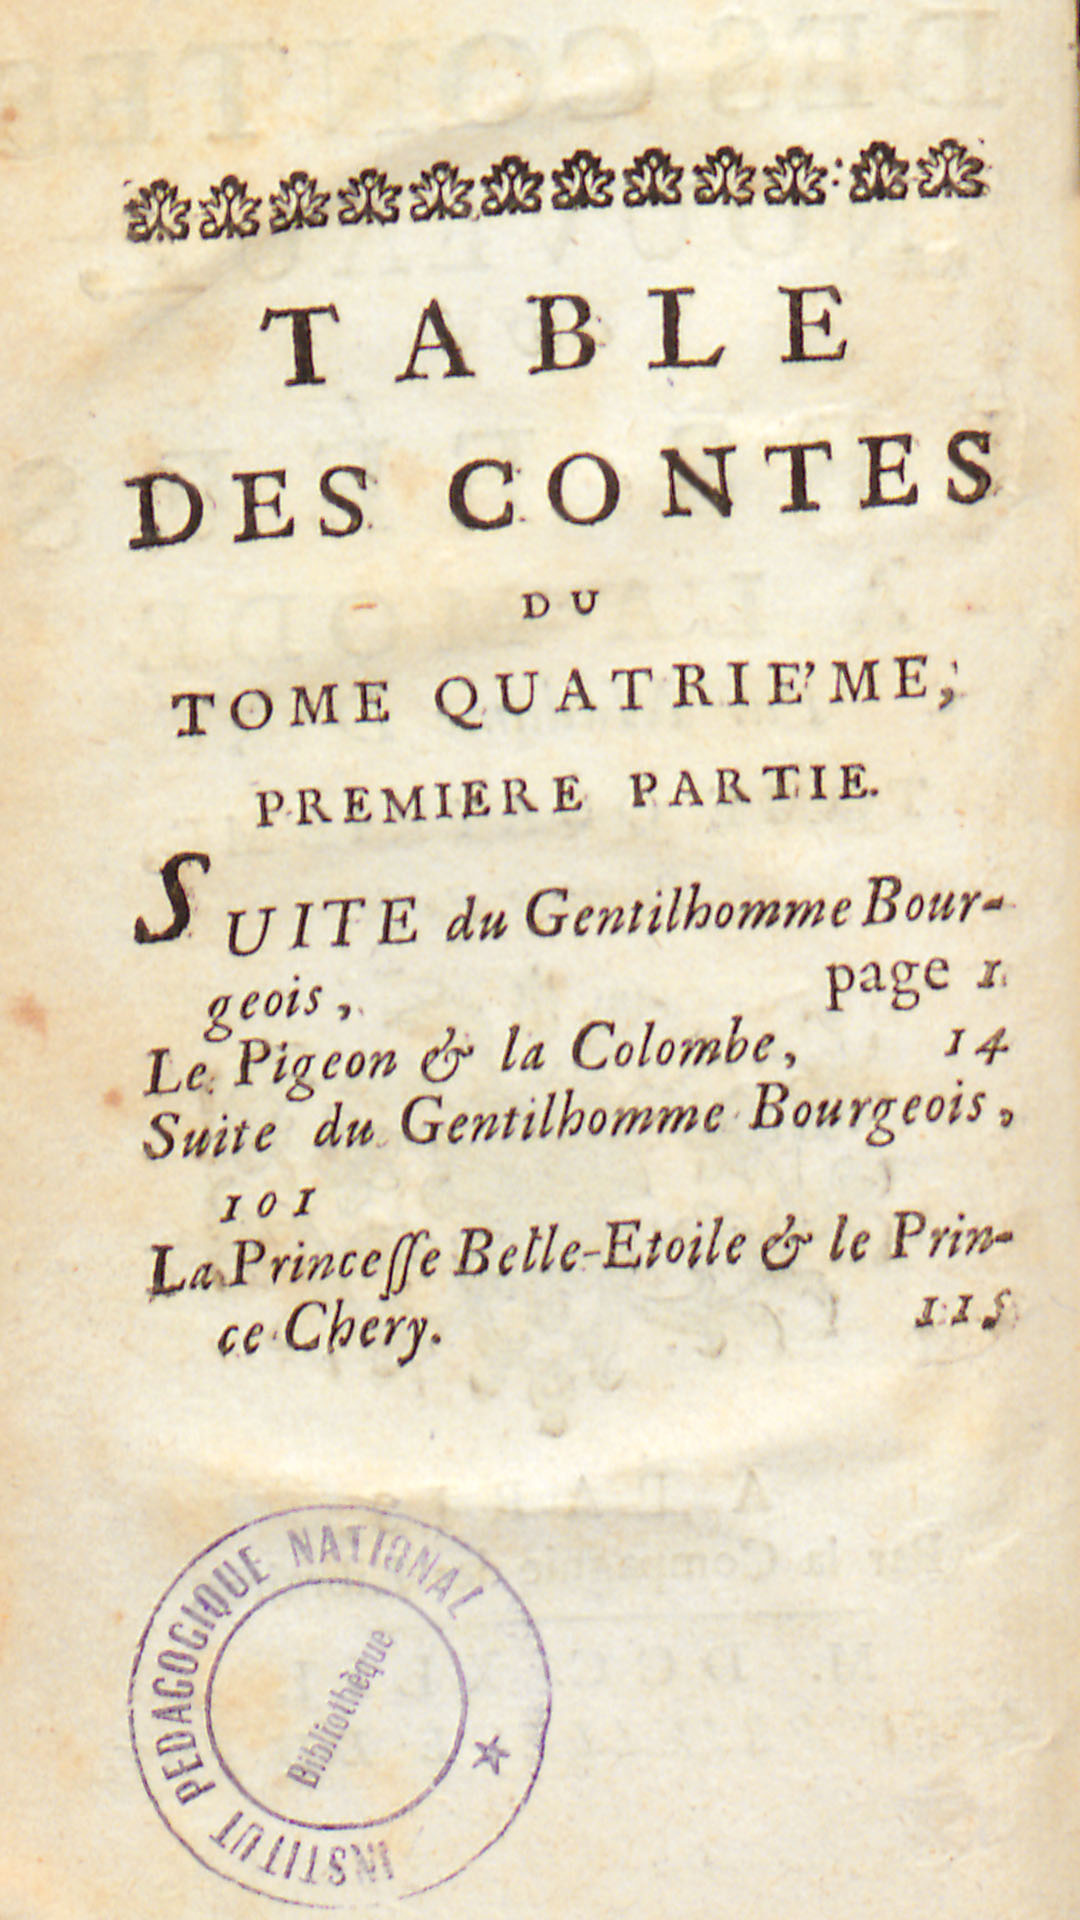 Table des contes, tome quatrième, première partie